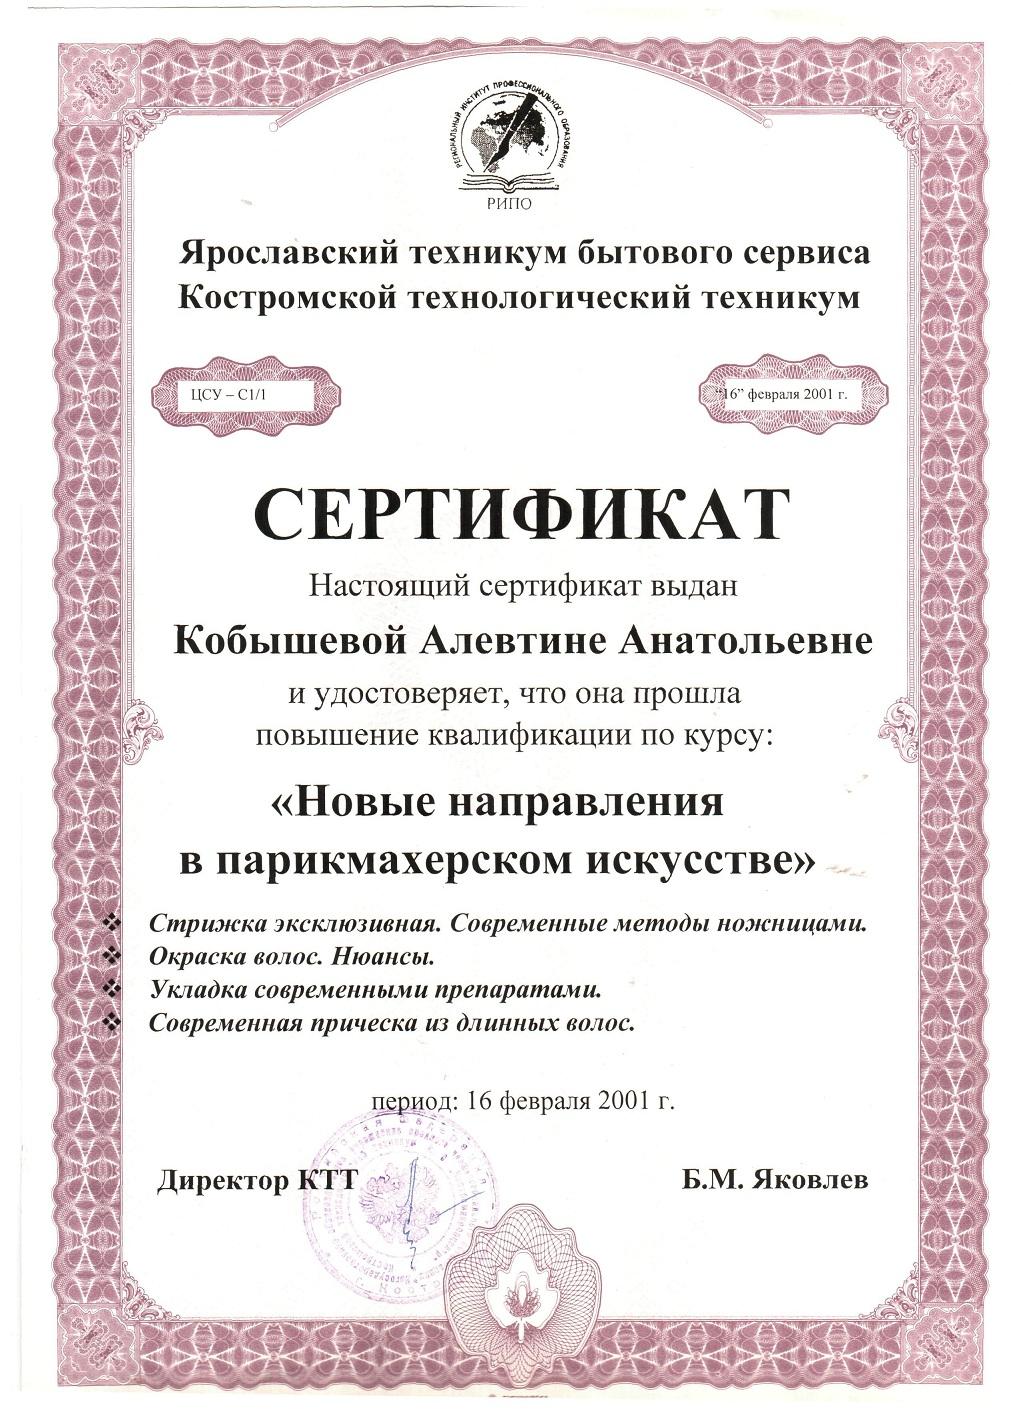 2001 повышение квалификации Новые направления в парикмахерском искусстве